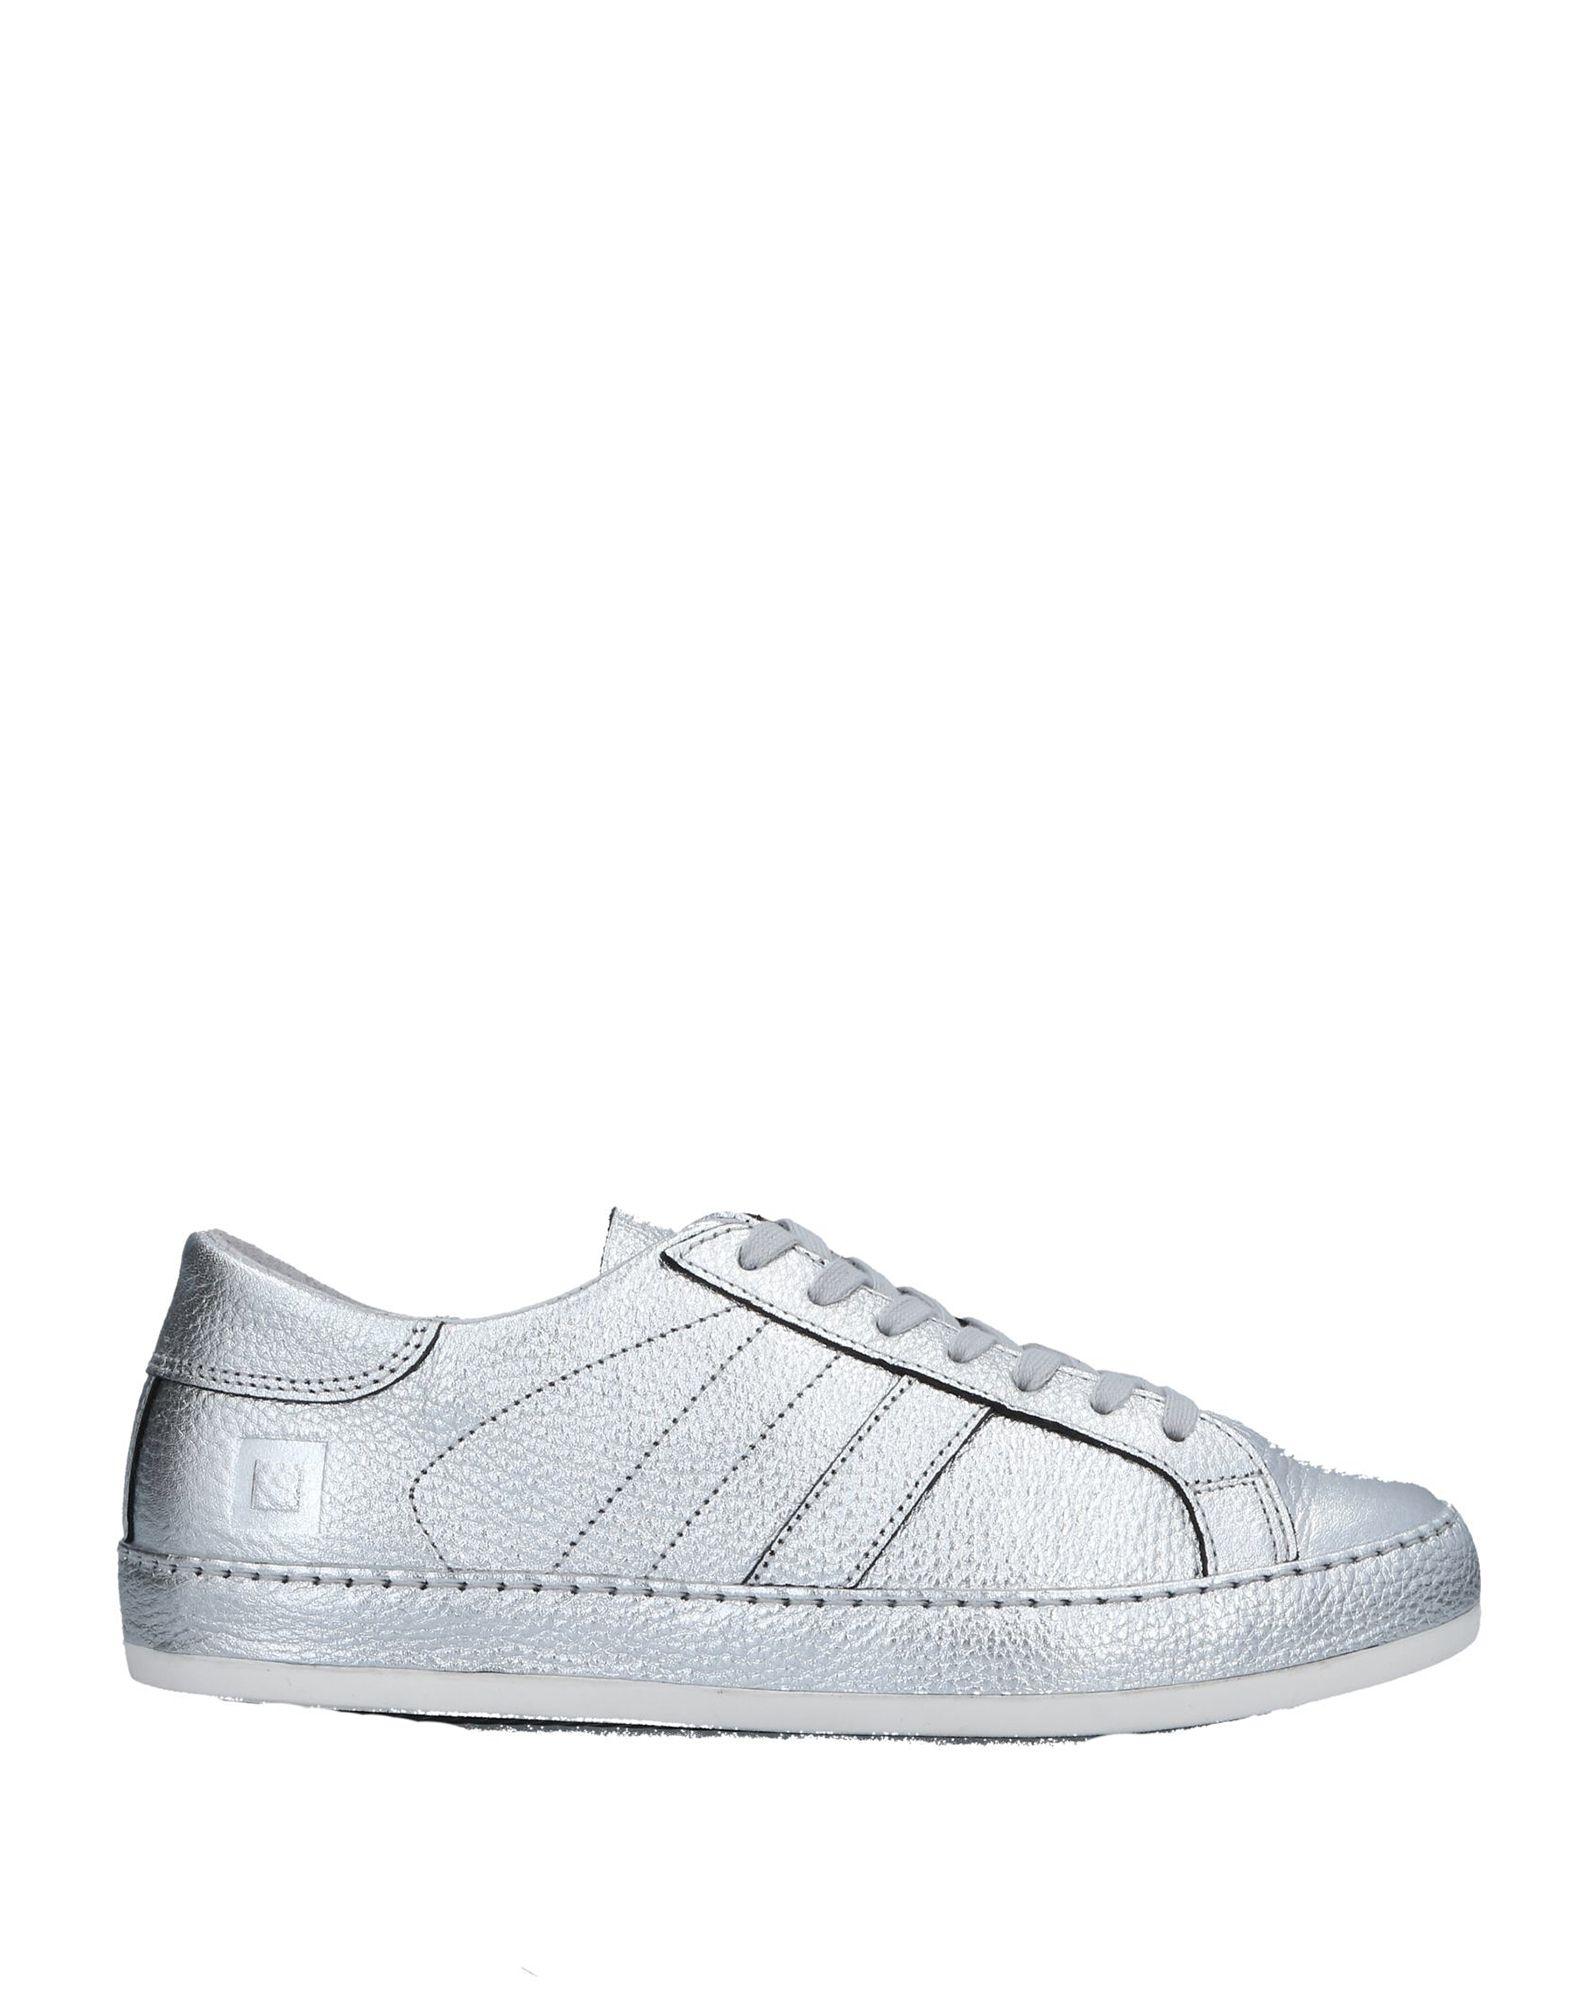 Gut um billige Schuhe  zu tragenD.A.T.E. Sneakers Damen  Schuhe 11532838GK 147fce